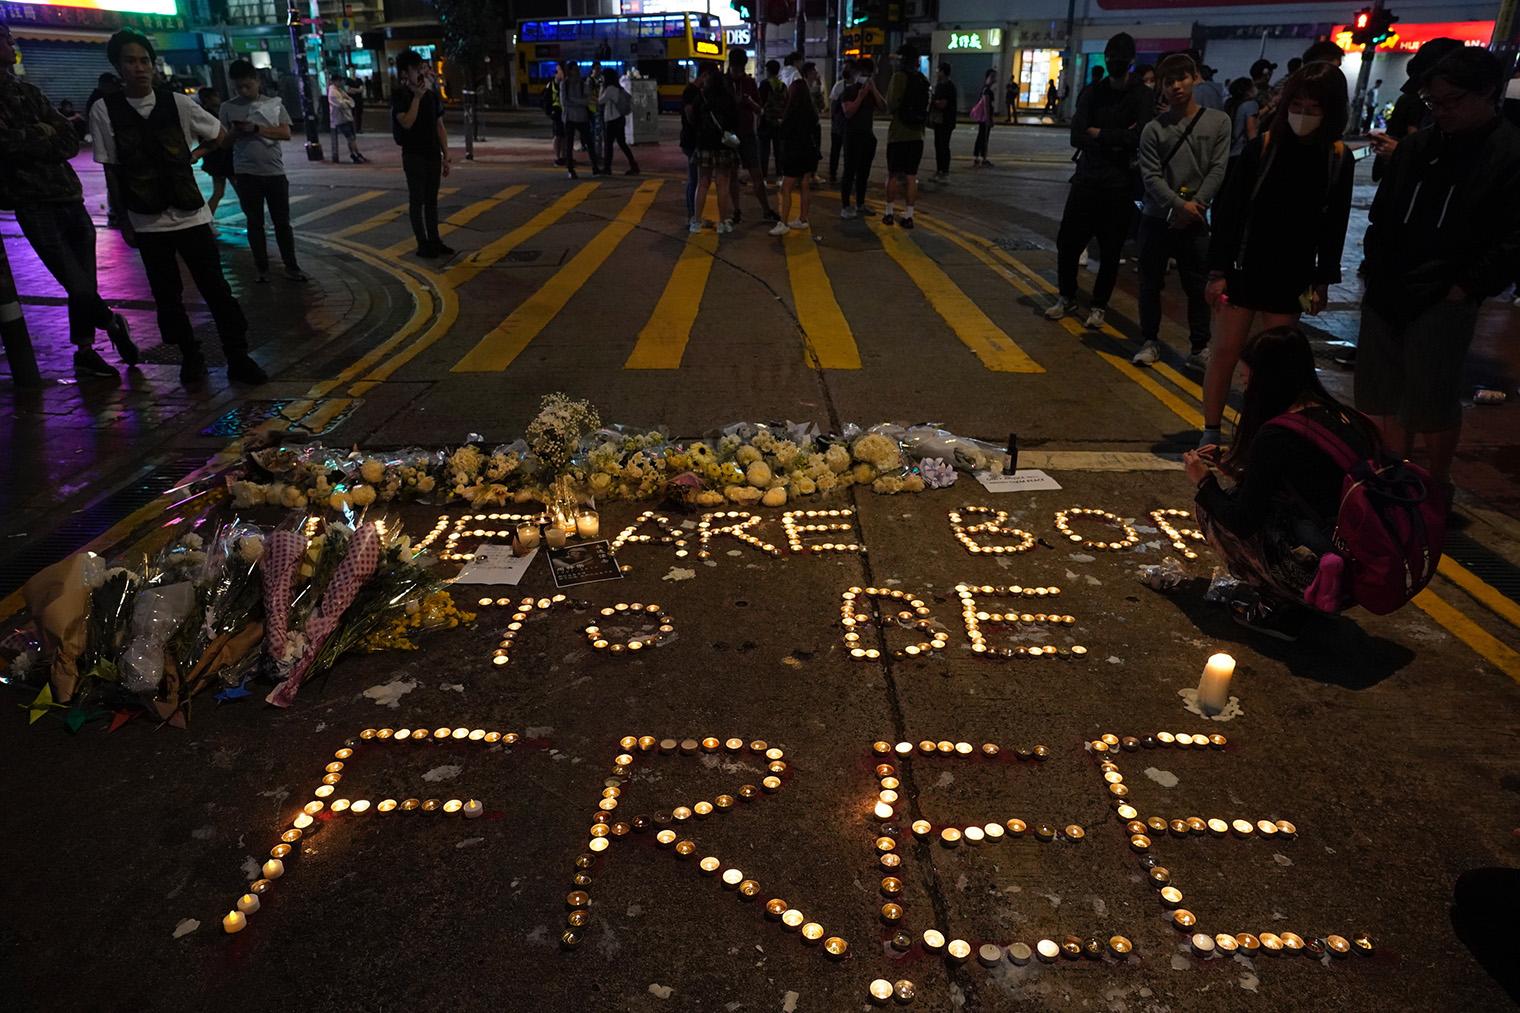 2019年11月8日,香港的一些抗议者在街头抗议。(美联社)